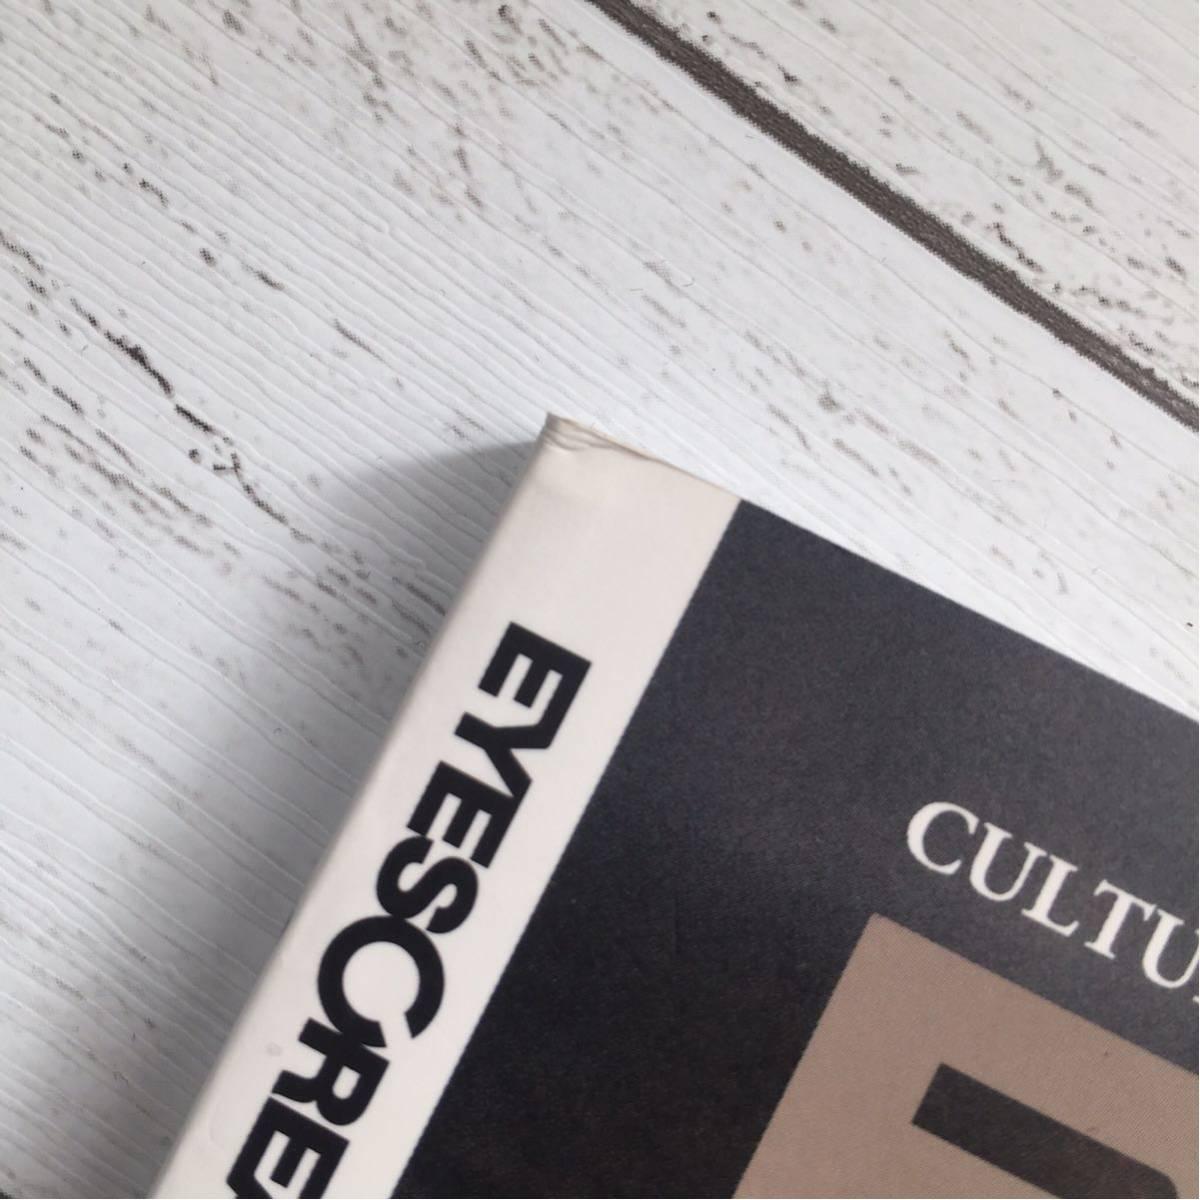 [雑誌]EYESCREAM (アイスクリーム) 2016年 09月号 No.148 「ニュー・カリフォルニア」中田裕二/JERRY HSU/ANDRU SISSON_画像4